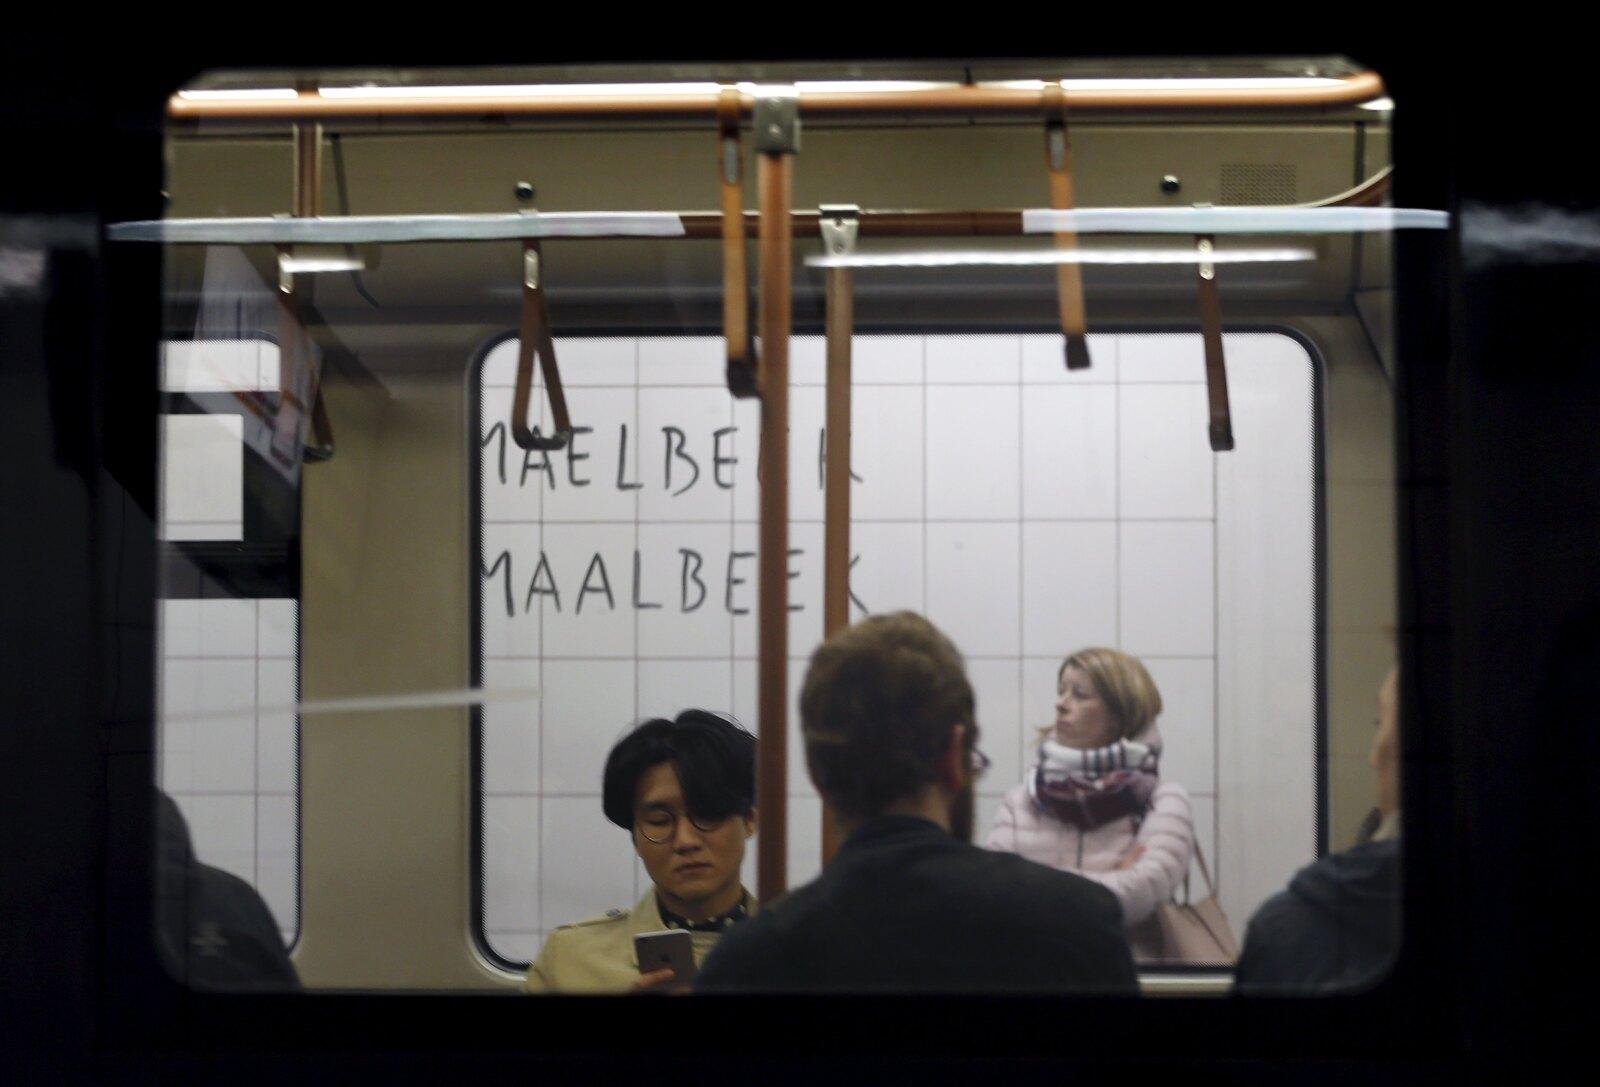 Este lunes reabrió el servicio de la estación Maelbeek, los usuarios podían abordar o bajar en dicha parada.